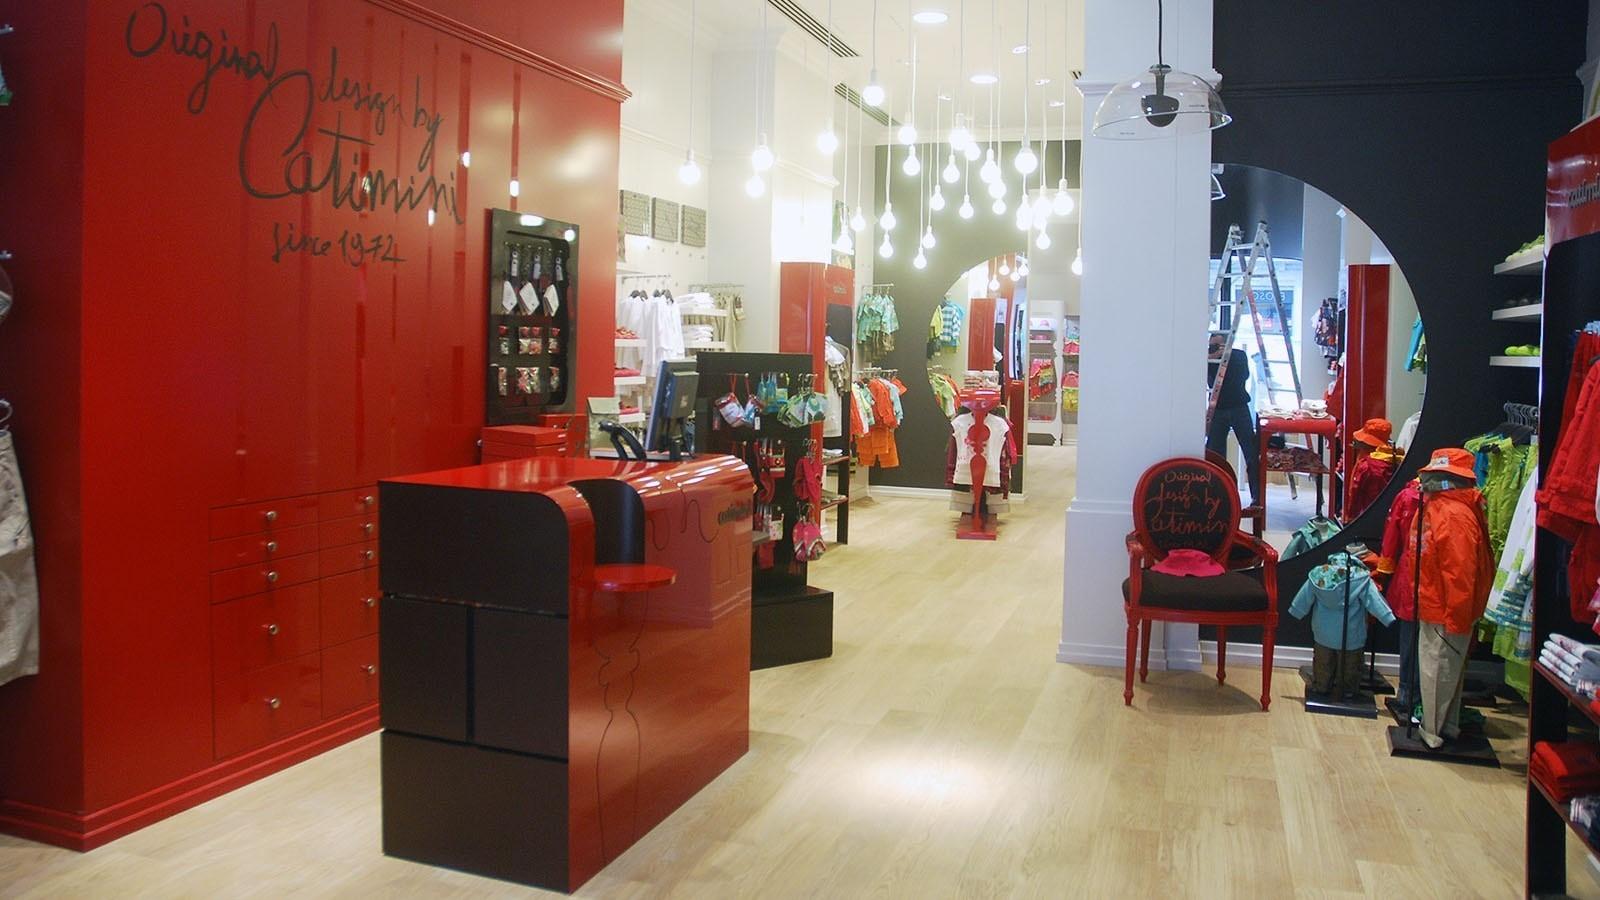 Boutique Catimini Barcelone Efi Design (15)